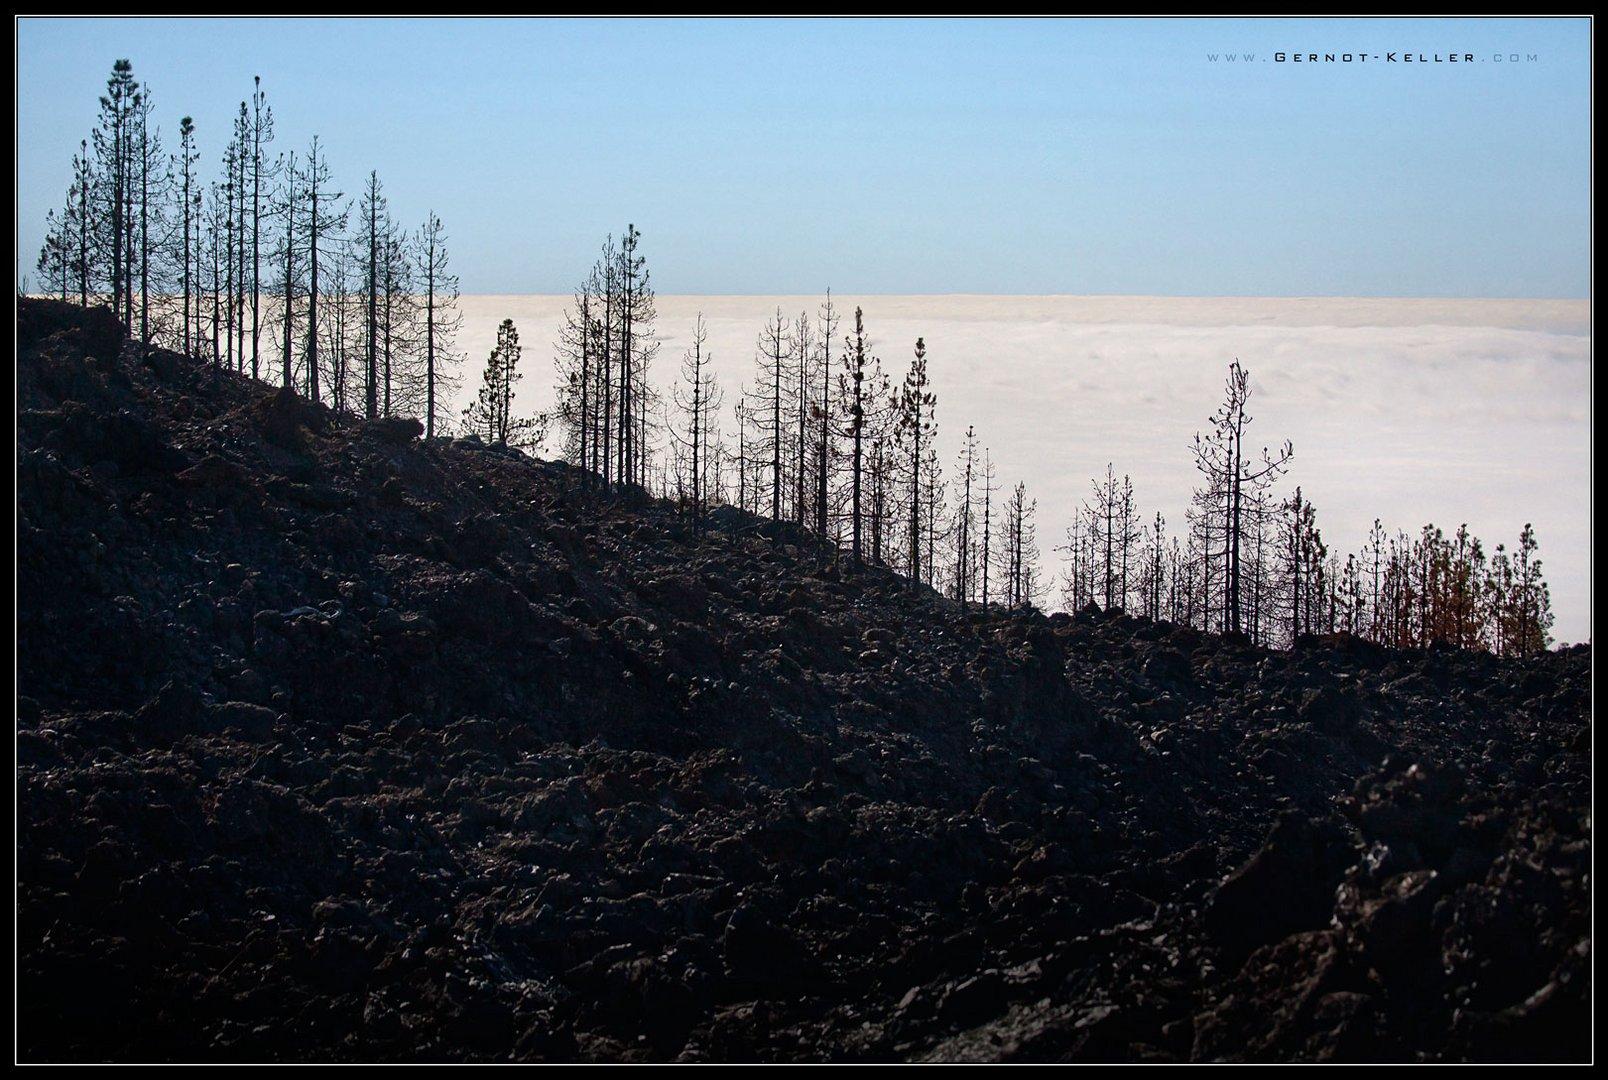 09545 - Teneriffa - Verbrannte Baeume auf dem Weg zum El Teide